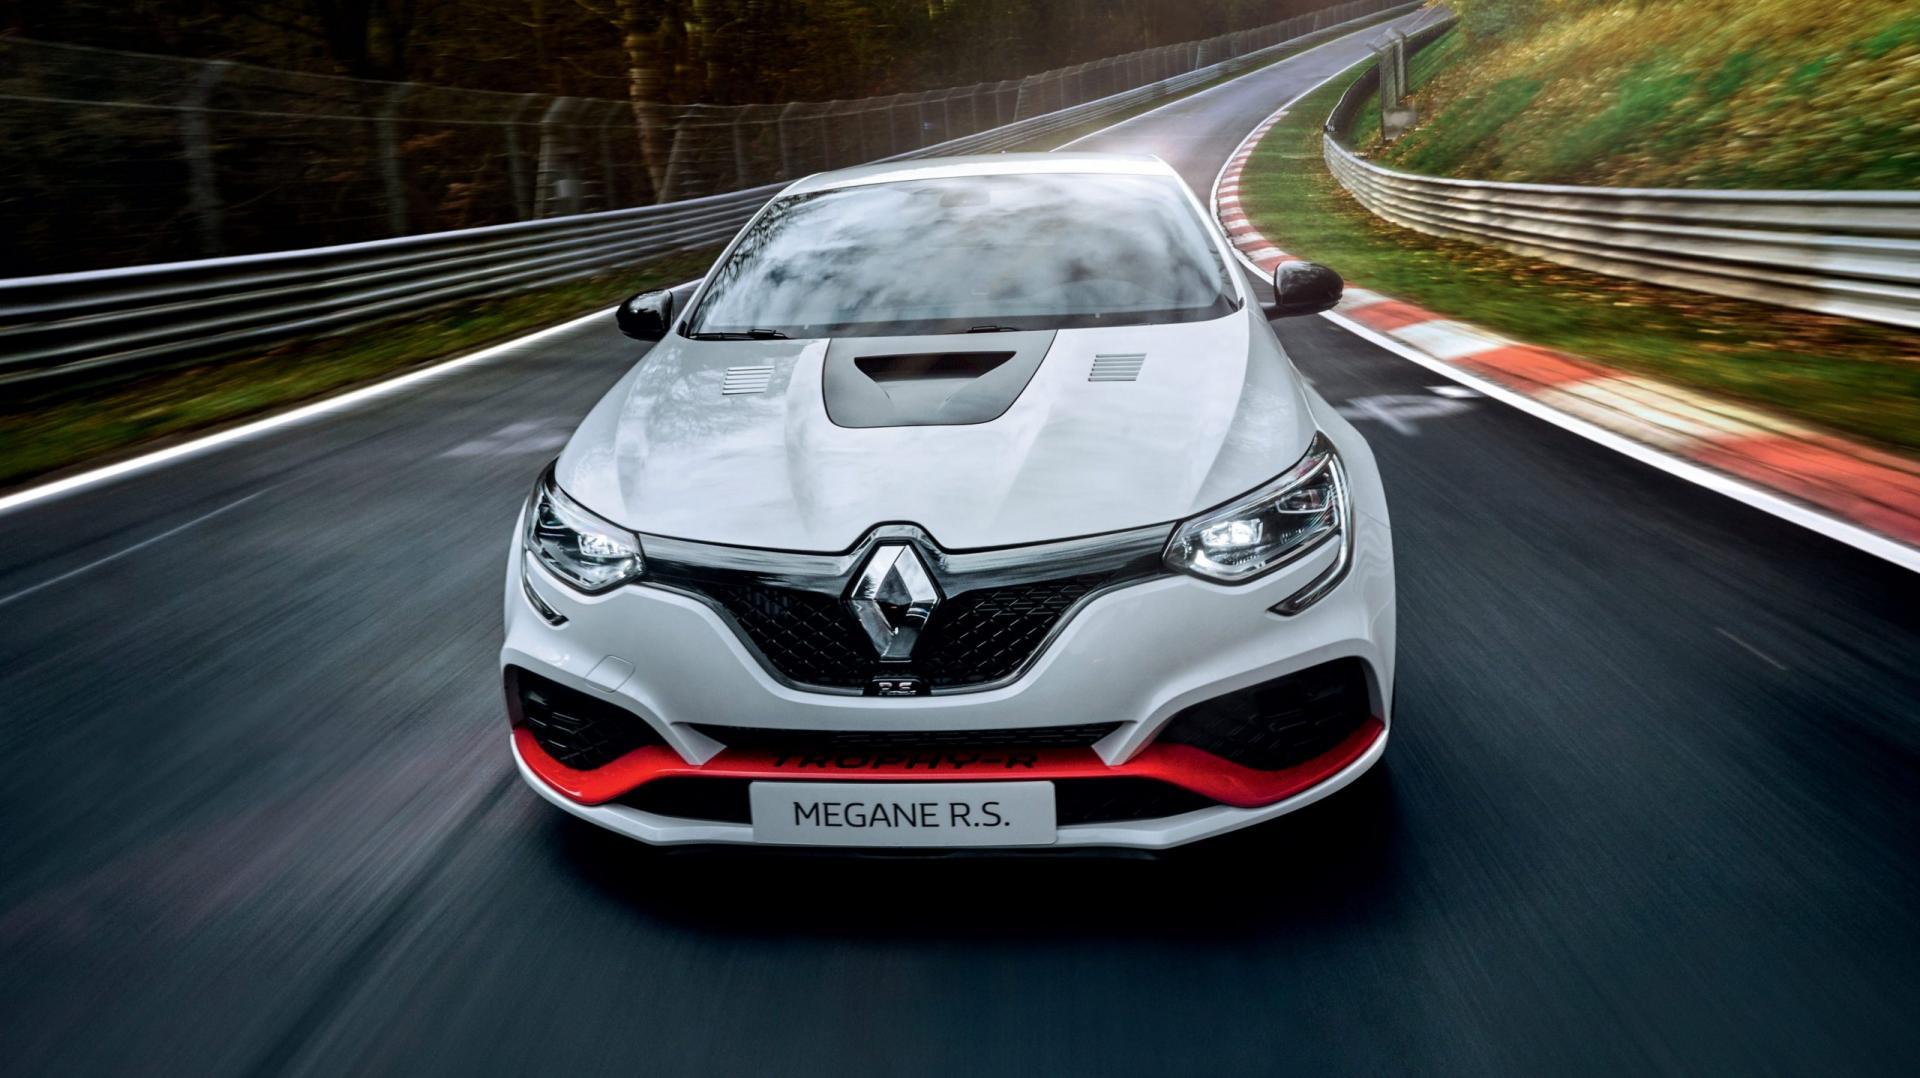 Renault Megane RS Trophy-R op de nurburgring nordschleife record voorwielaandrijving